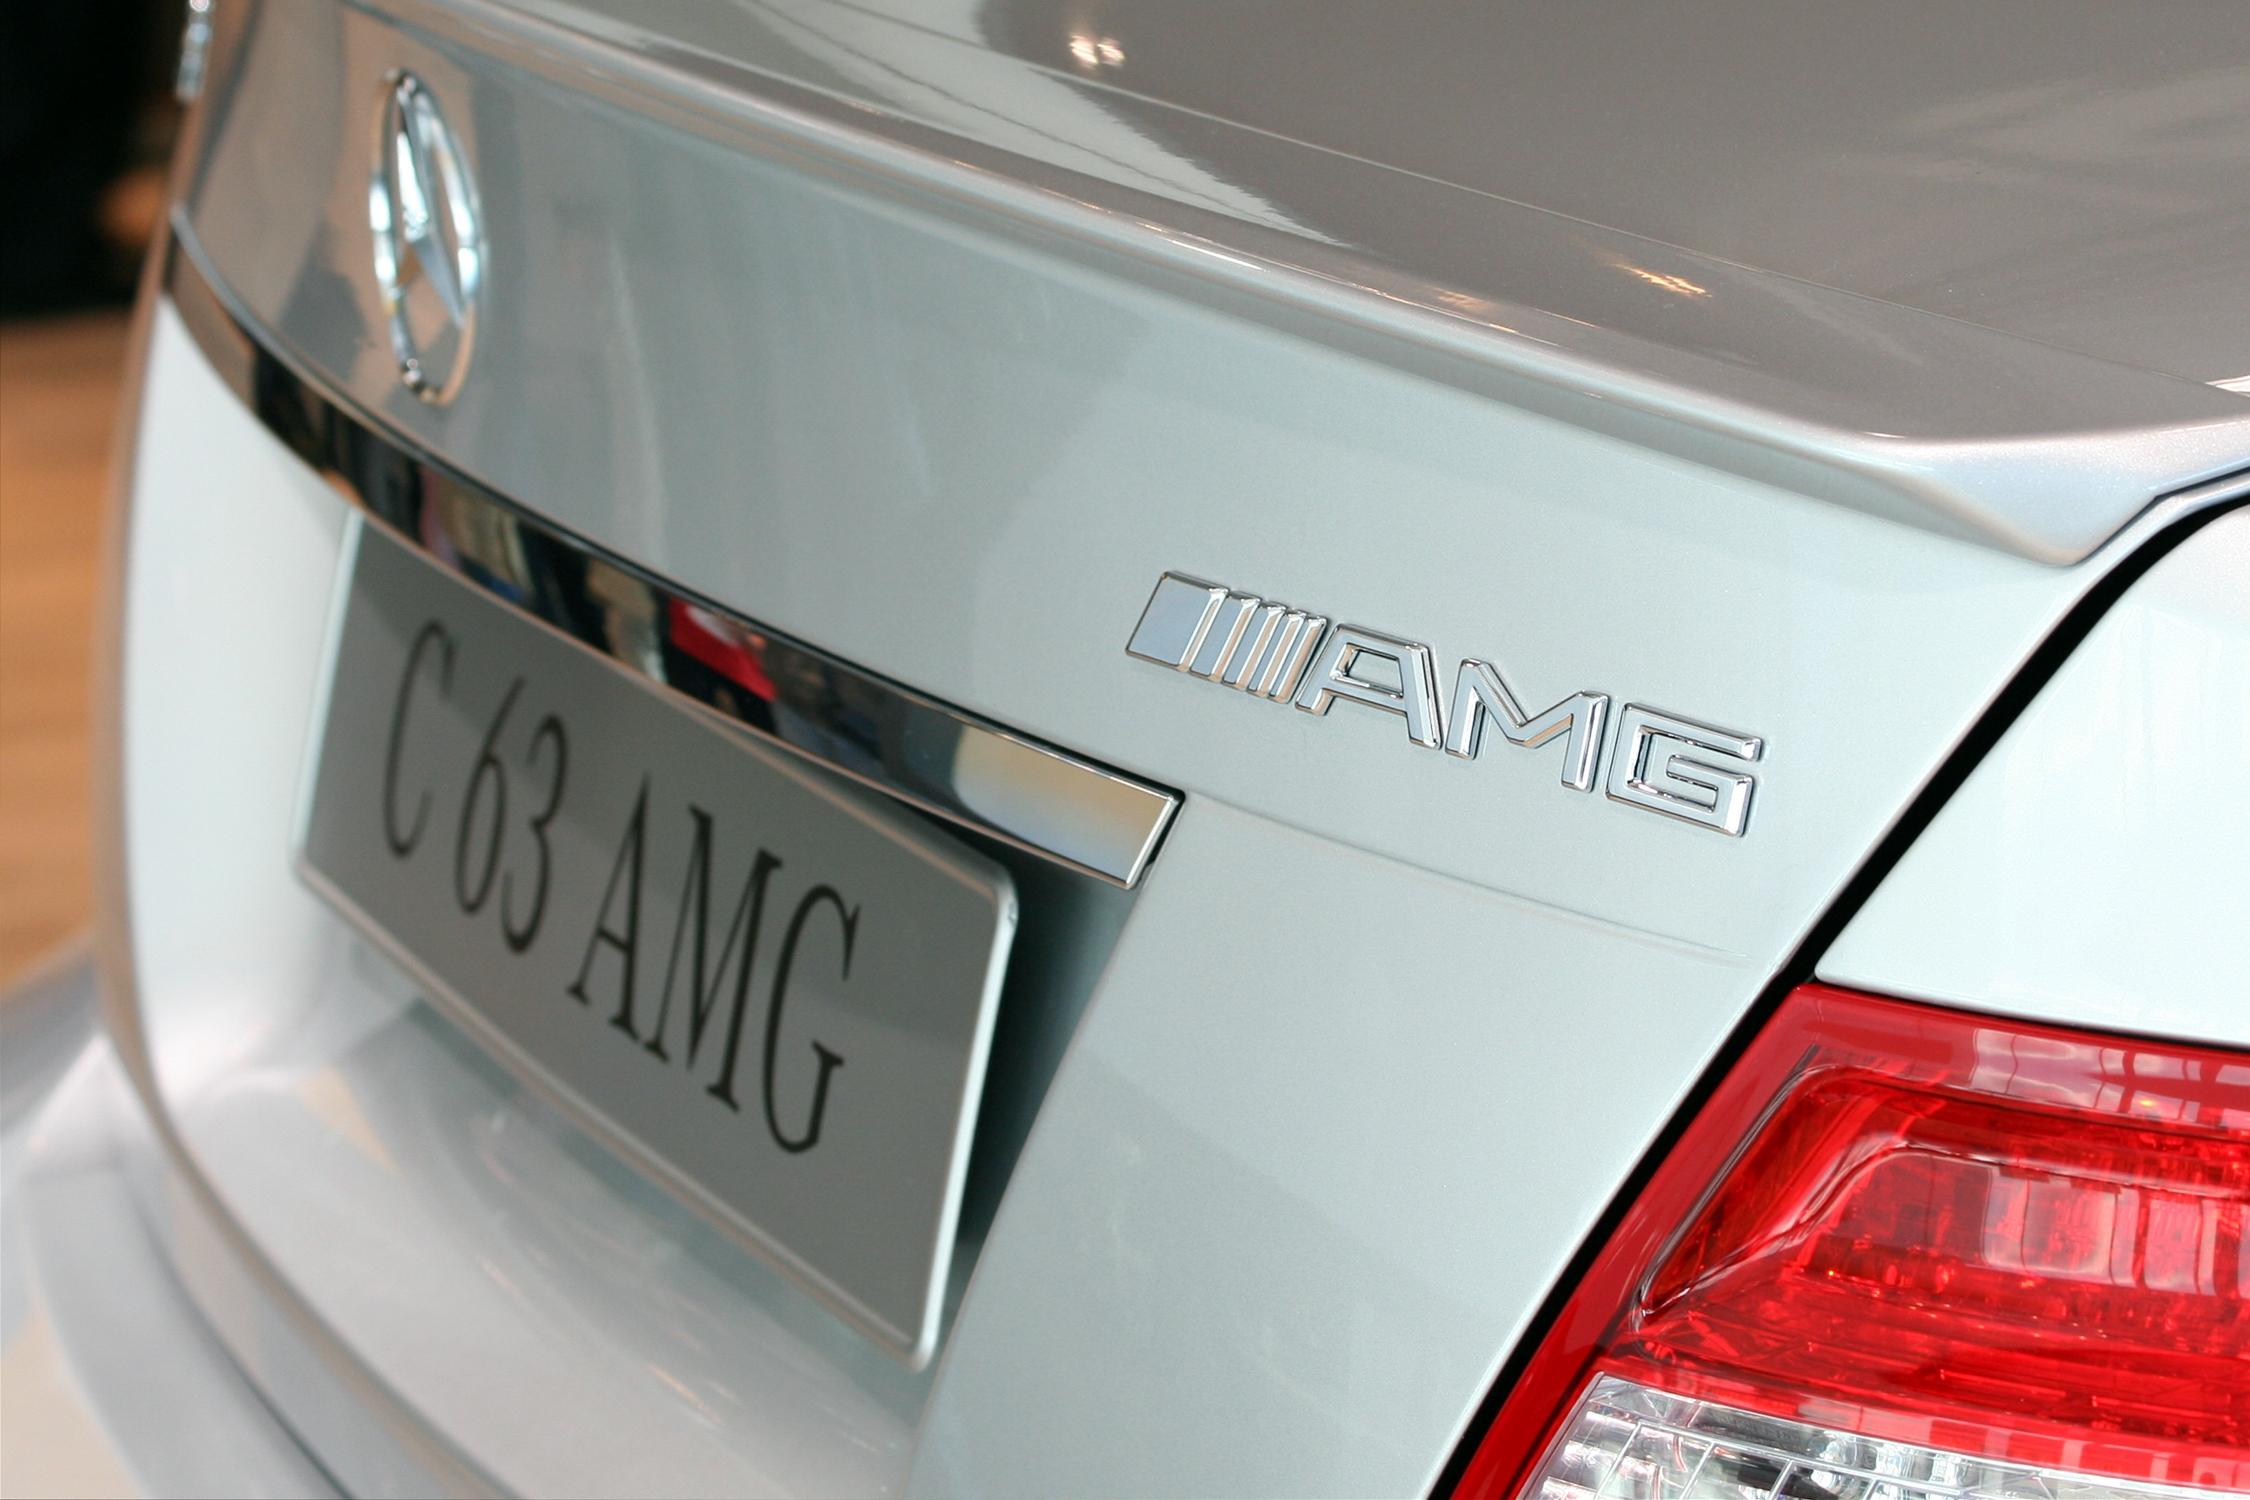 Mercedes_AMG_C63_W204_amk.jpg